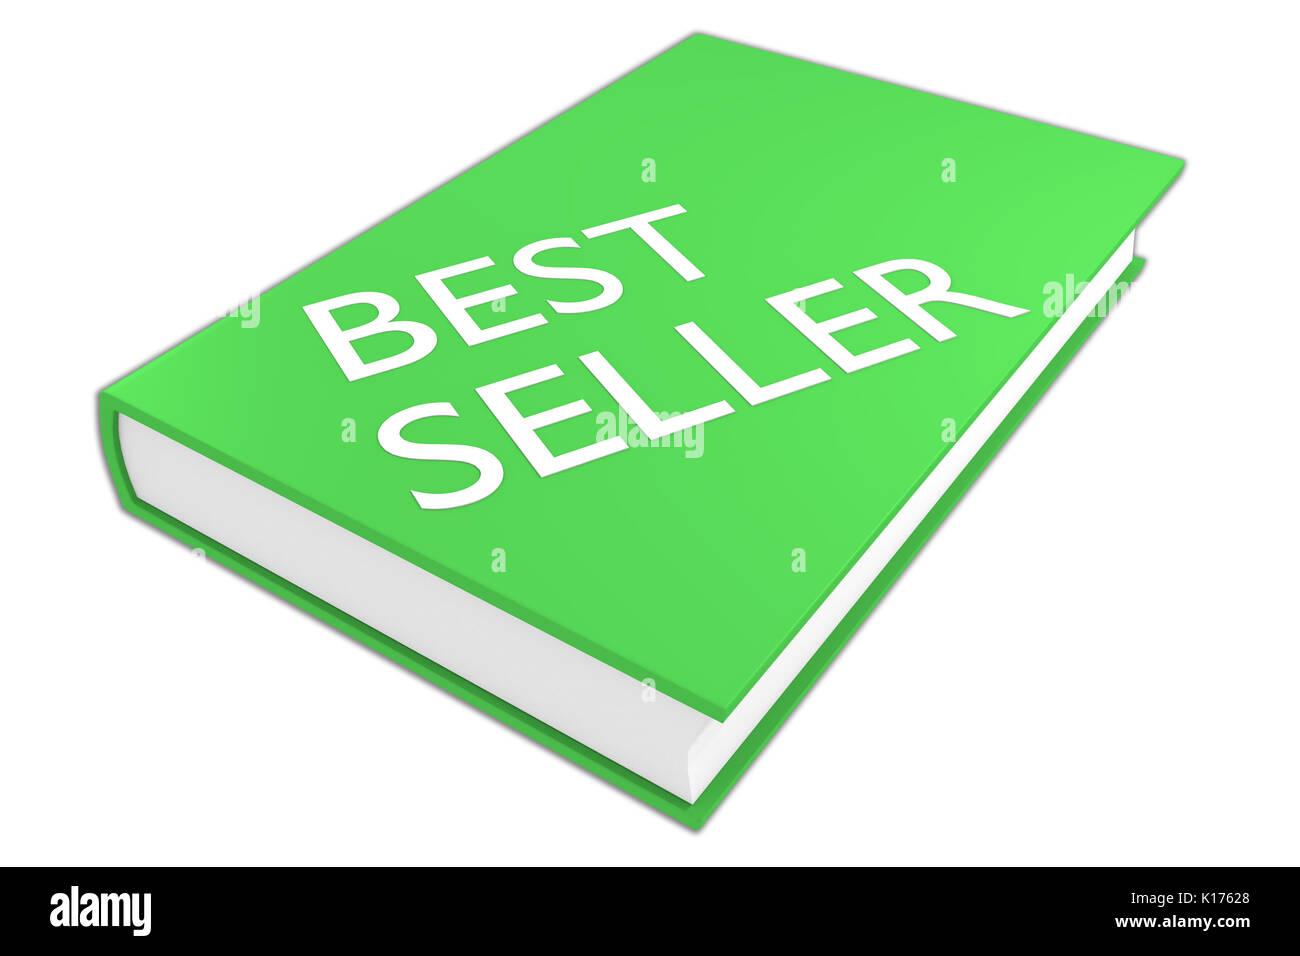 Ilustración 3D de 'best seller' script en un libro, aislado en blanco. Concepto de literatura. Foto de stock